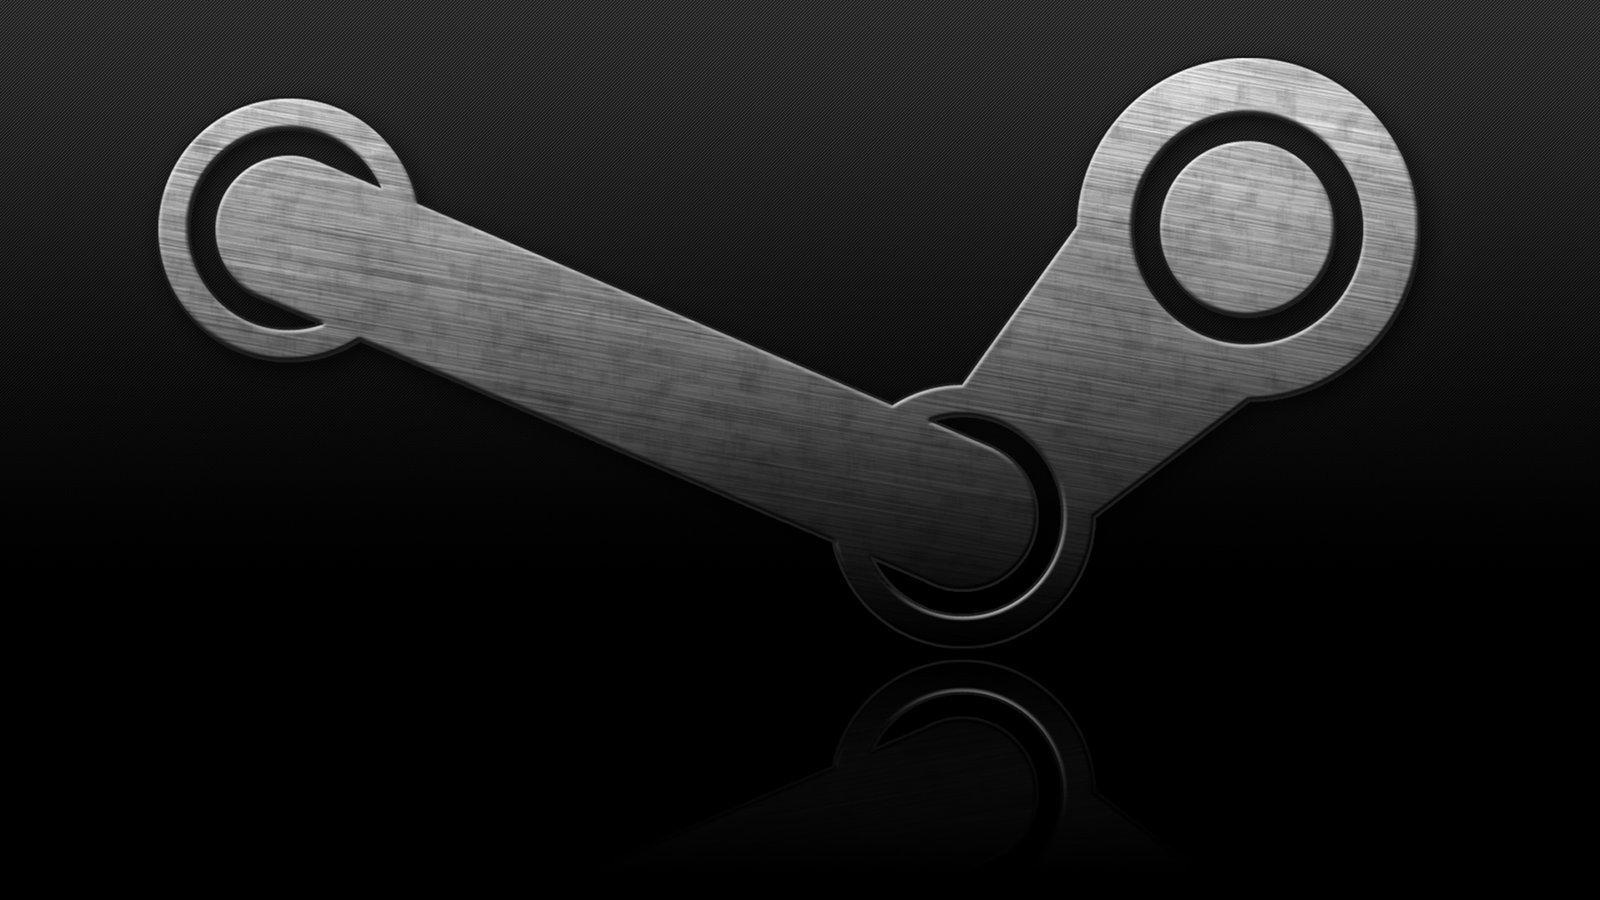 Пользователь that_earlyguy остался недоволен поведением техподдержки Steam - Изображение 1